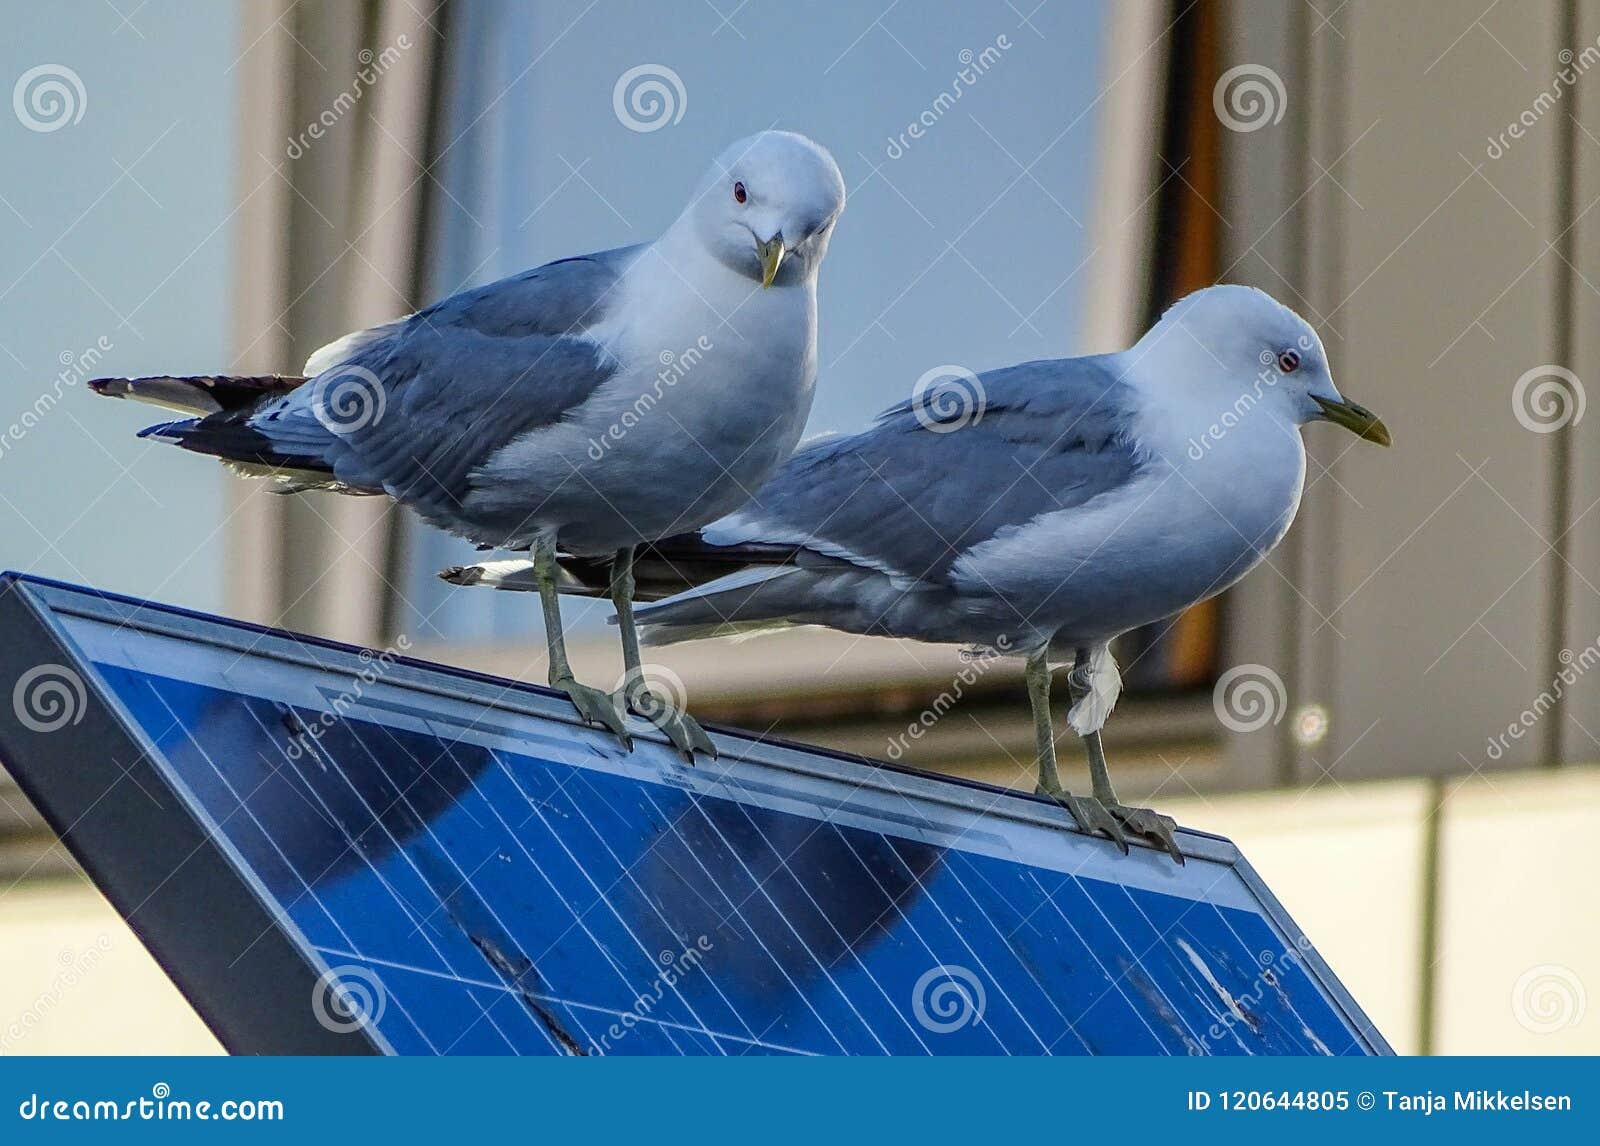 Seagulls on solar panel